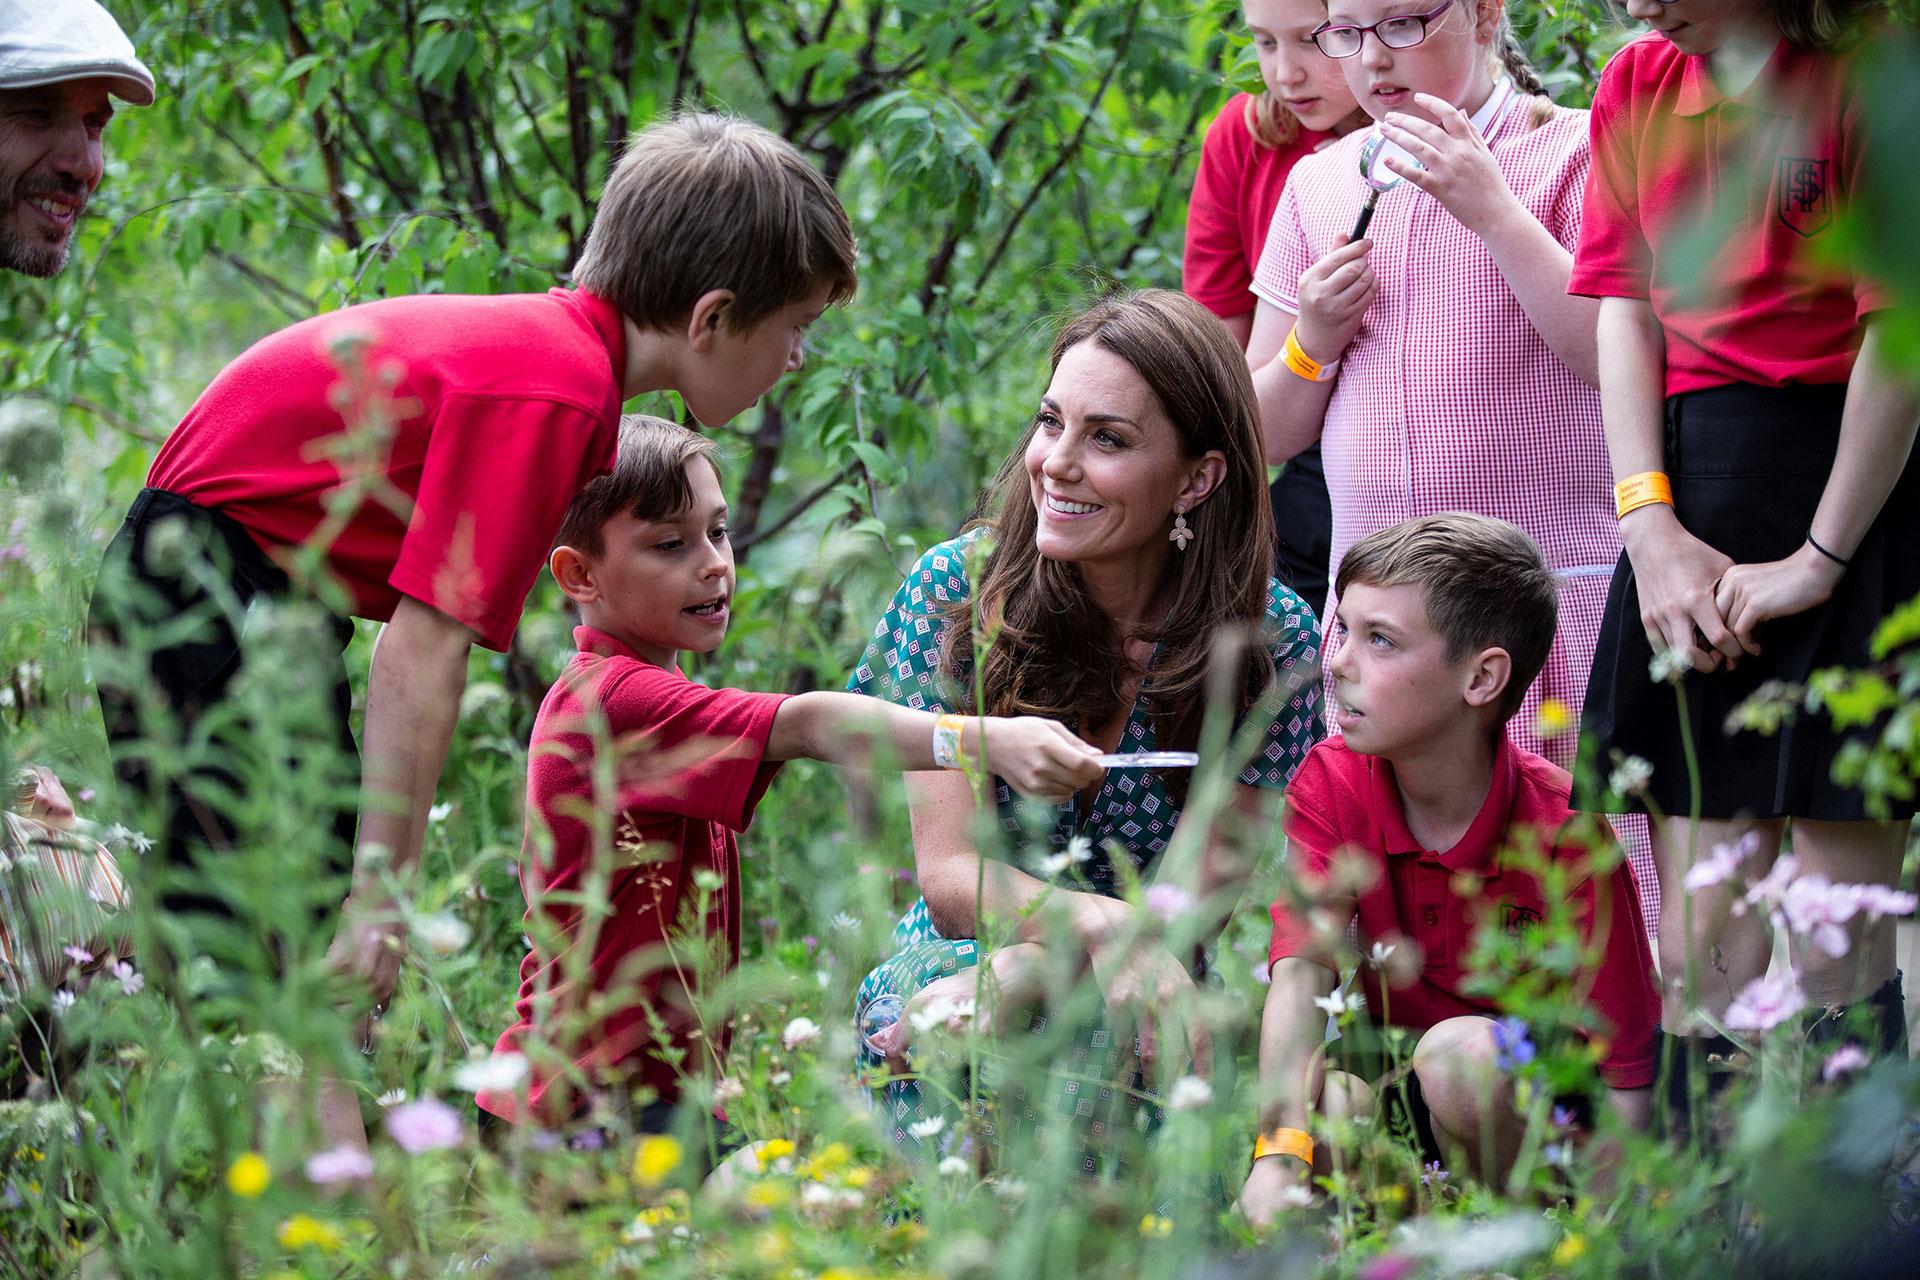 Hace algunas semanas Kate Middletonestrenó su proyecto Back to Nature, el jardín urbano que diseñó junto al arquitecto Davies White